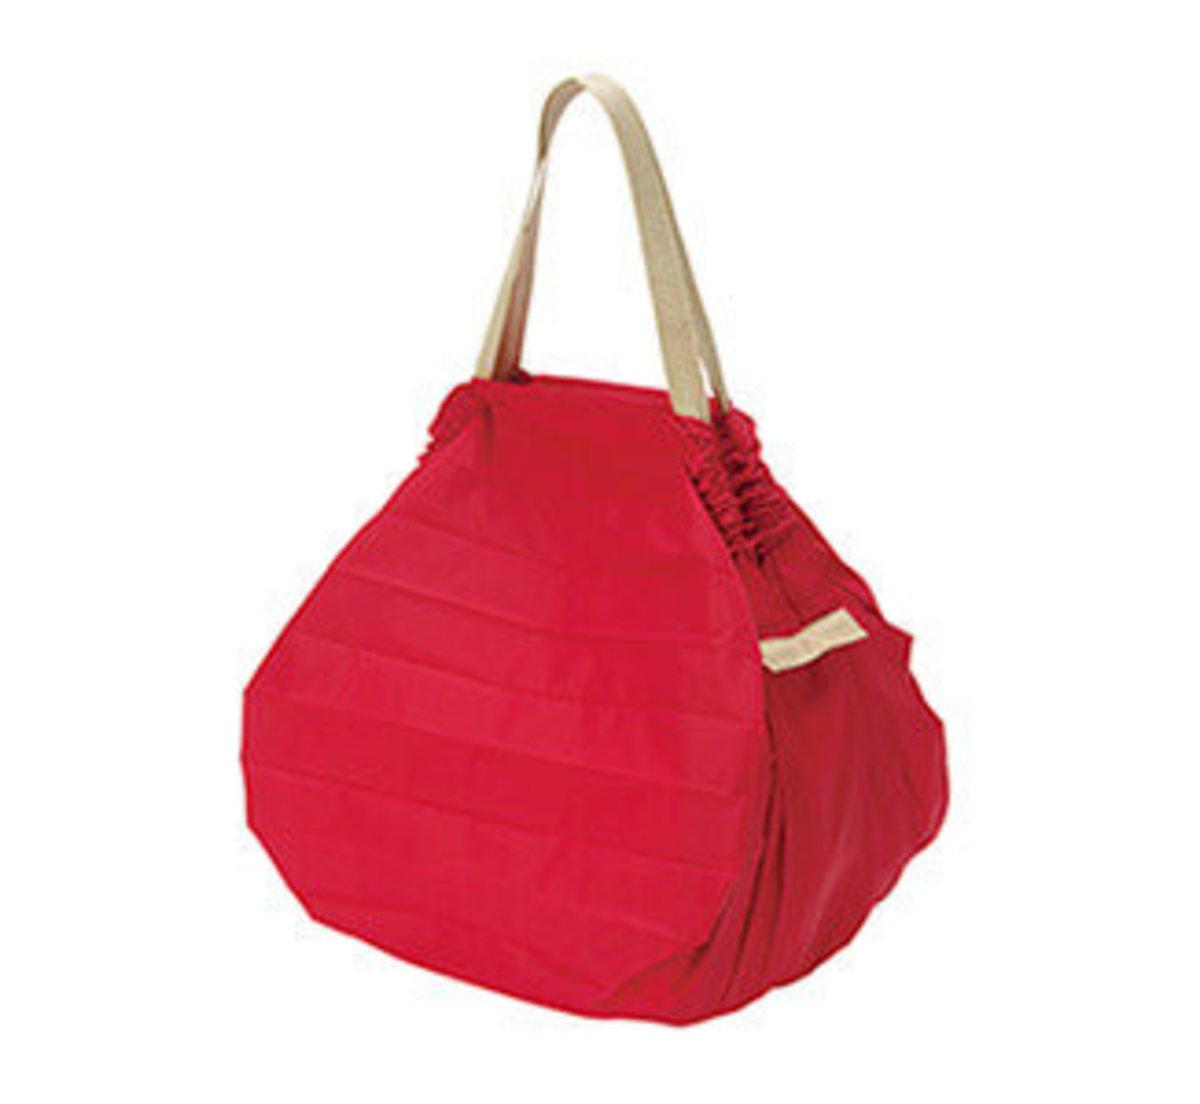 【S411A】紅色 - 日本便攜秒收手提環保袋 - 中碼